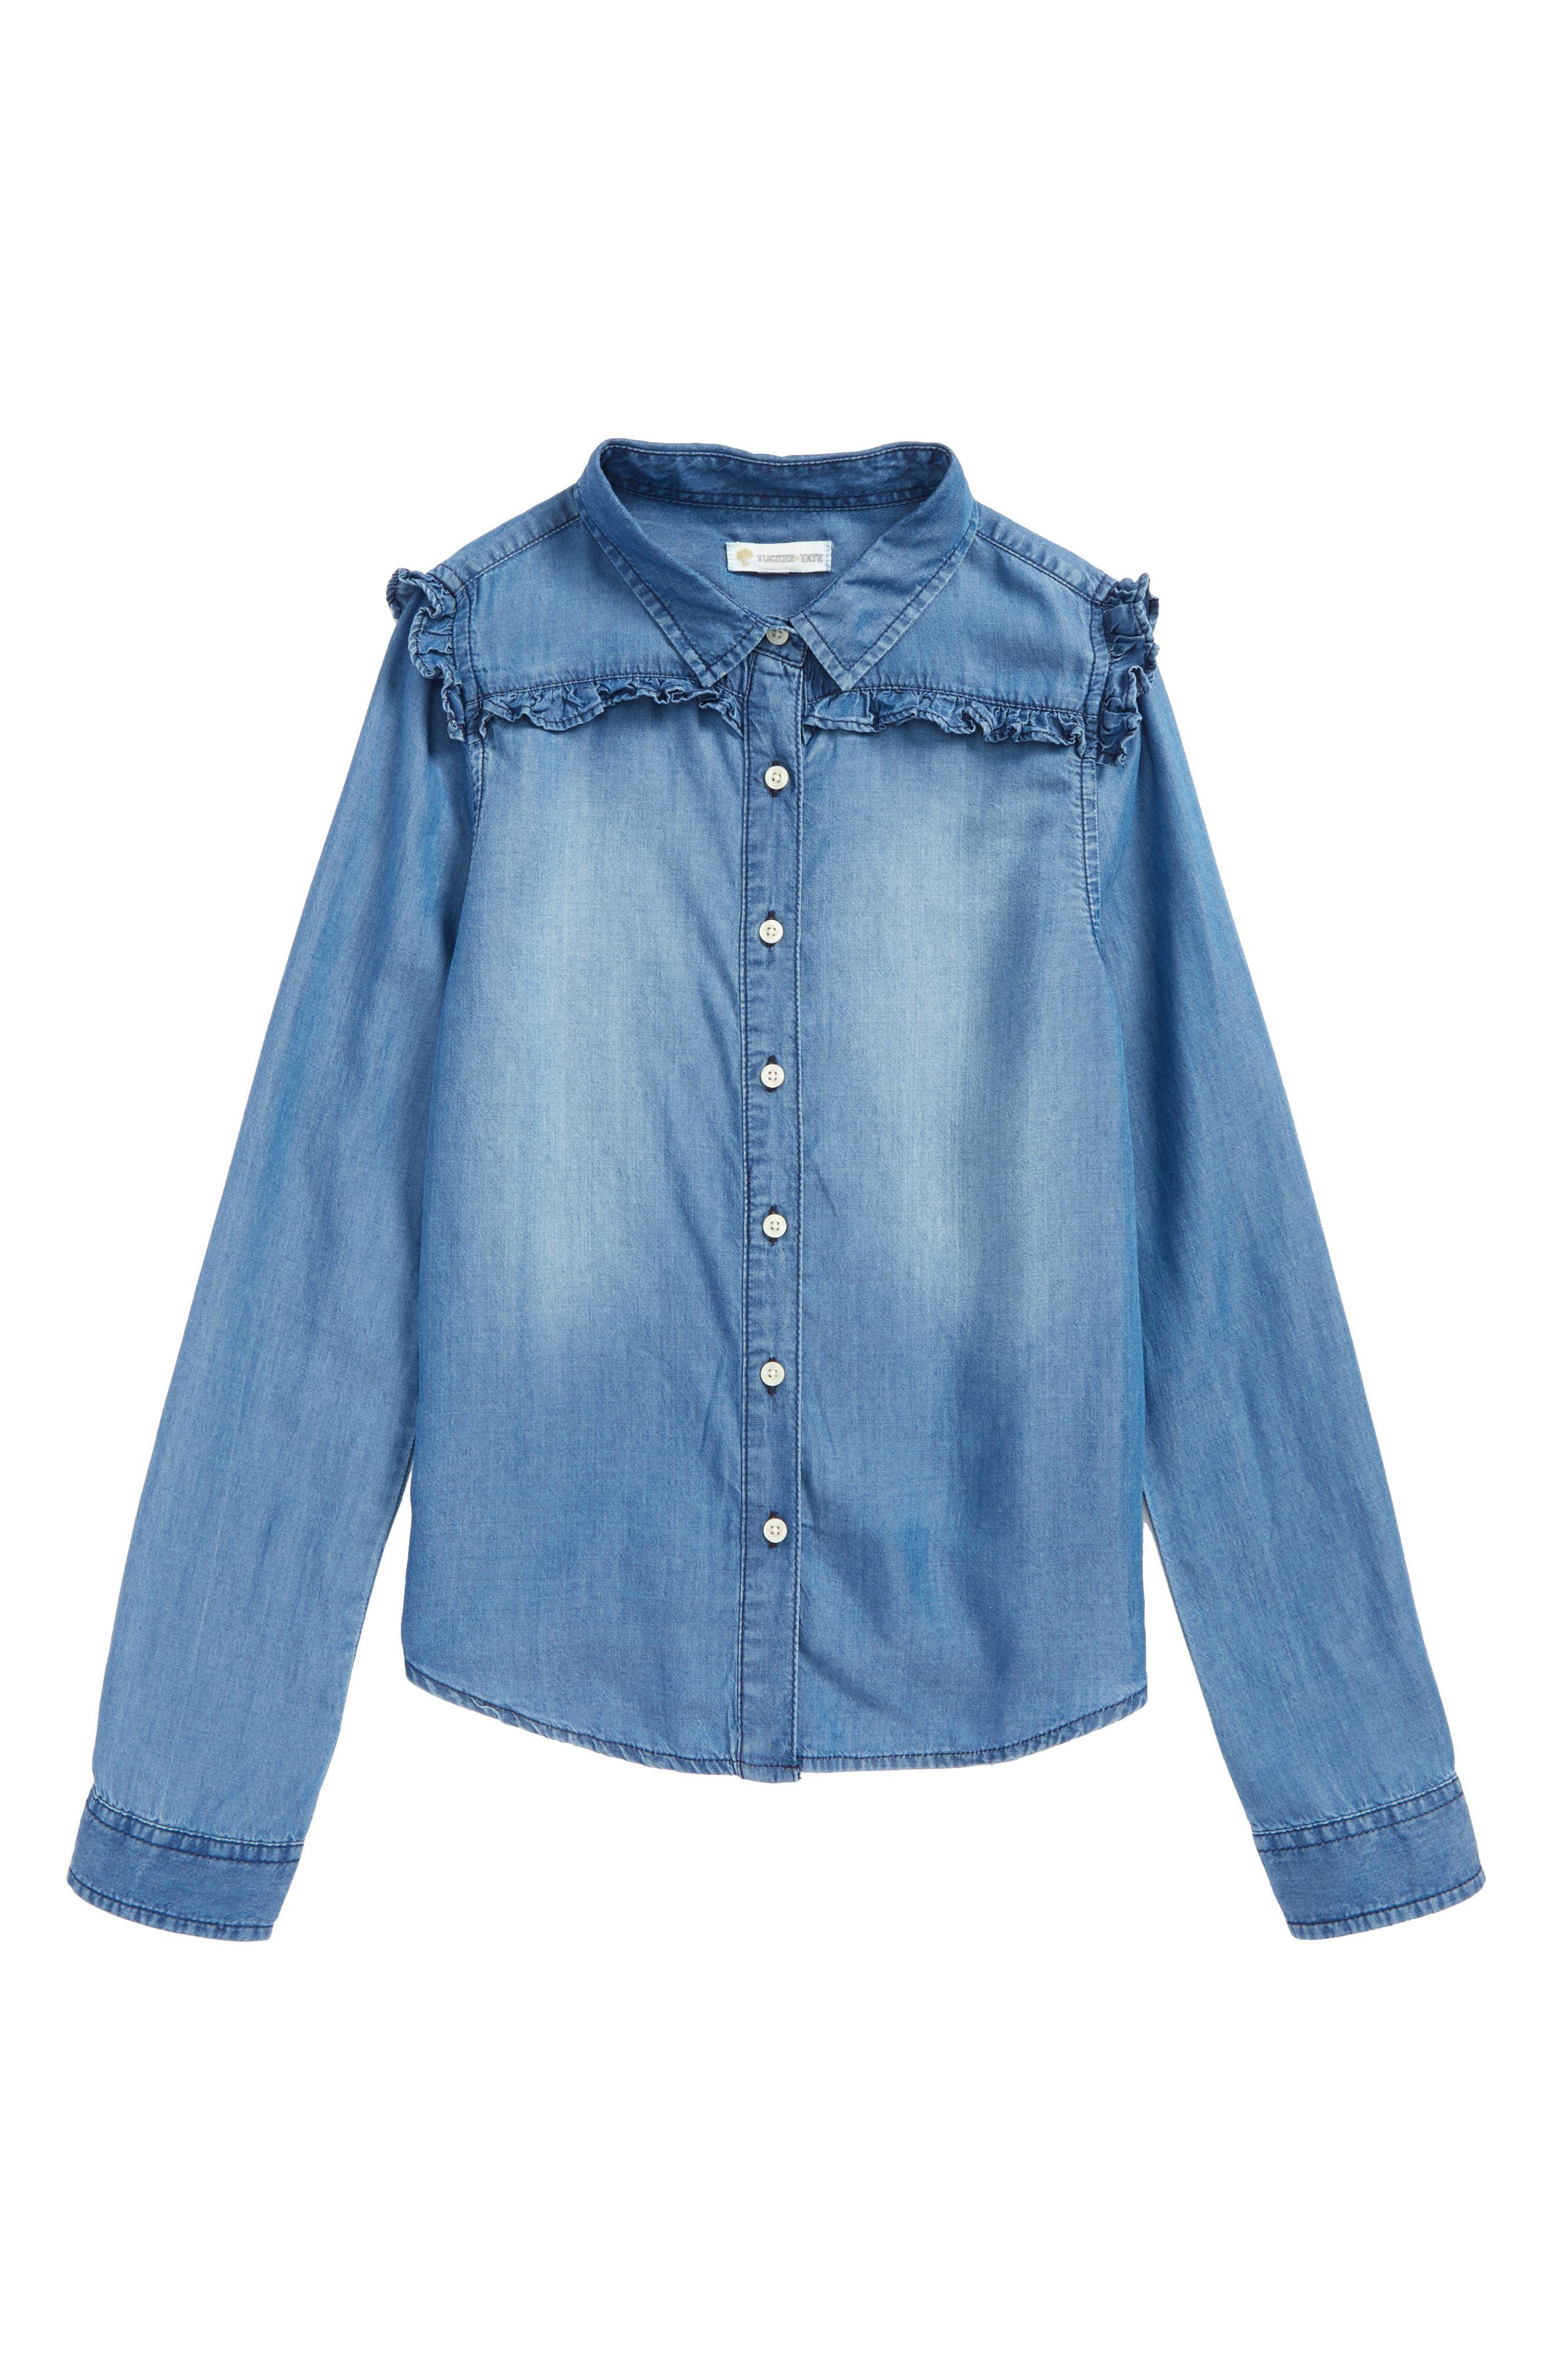 Ruffle Chambray Shirt,                         Main,                         color, Medium Blue Wash